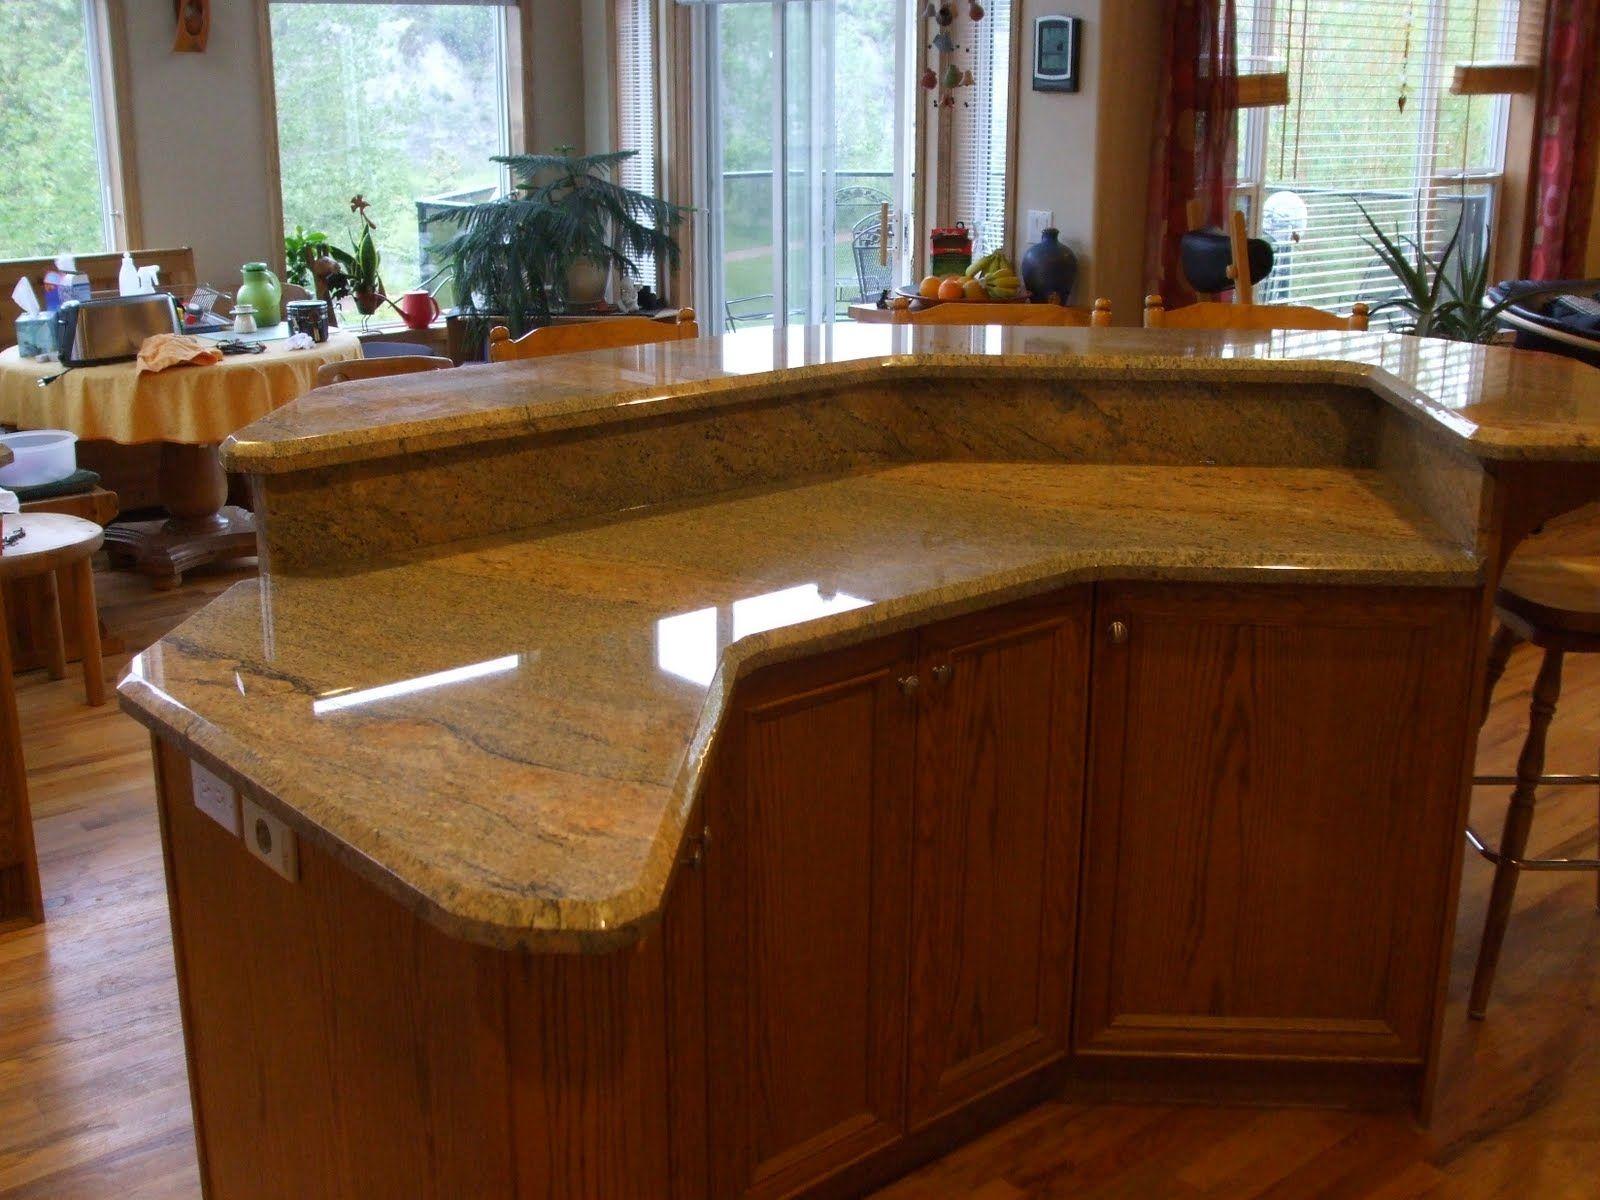 quartz countertops calgary quartz kitchen countertops 10 Best Images About Kitchen Counter Tops Makeover On Pinterest